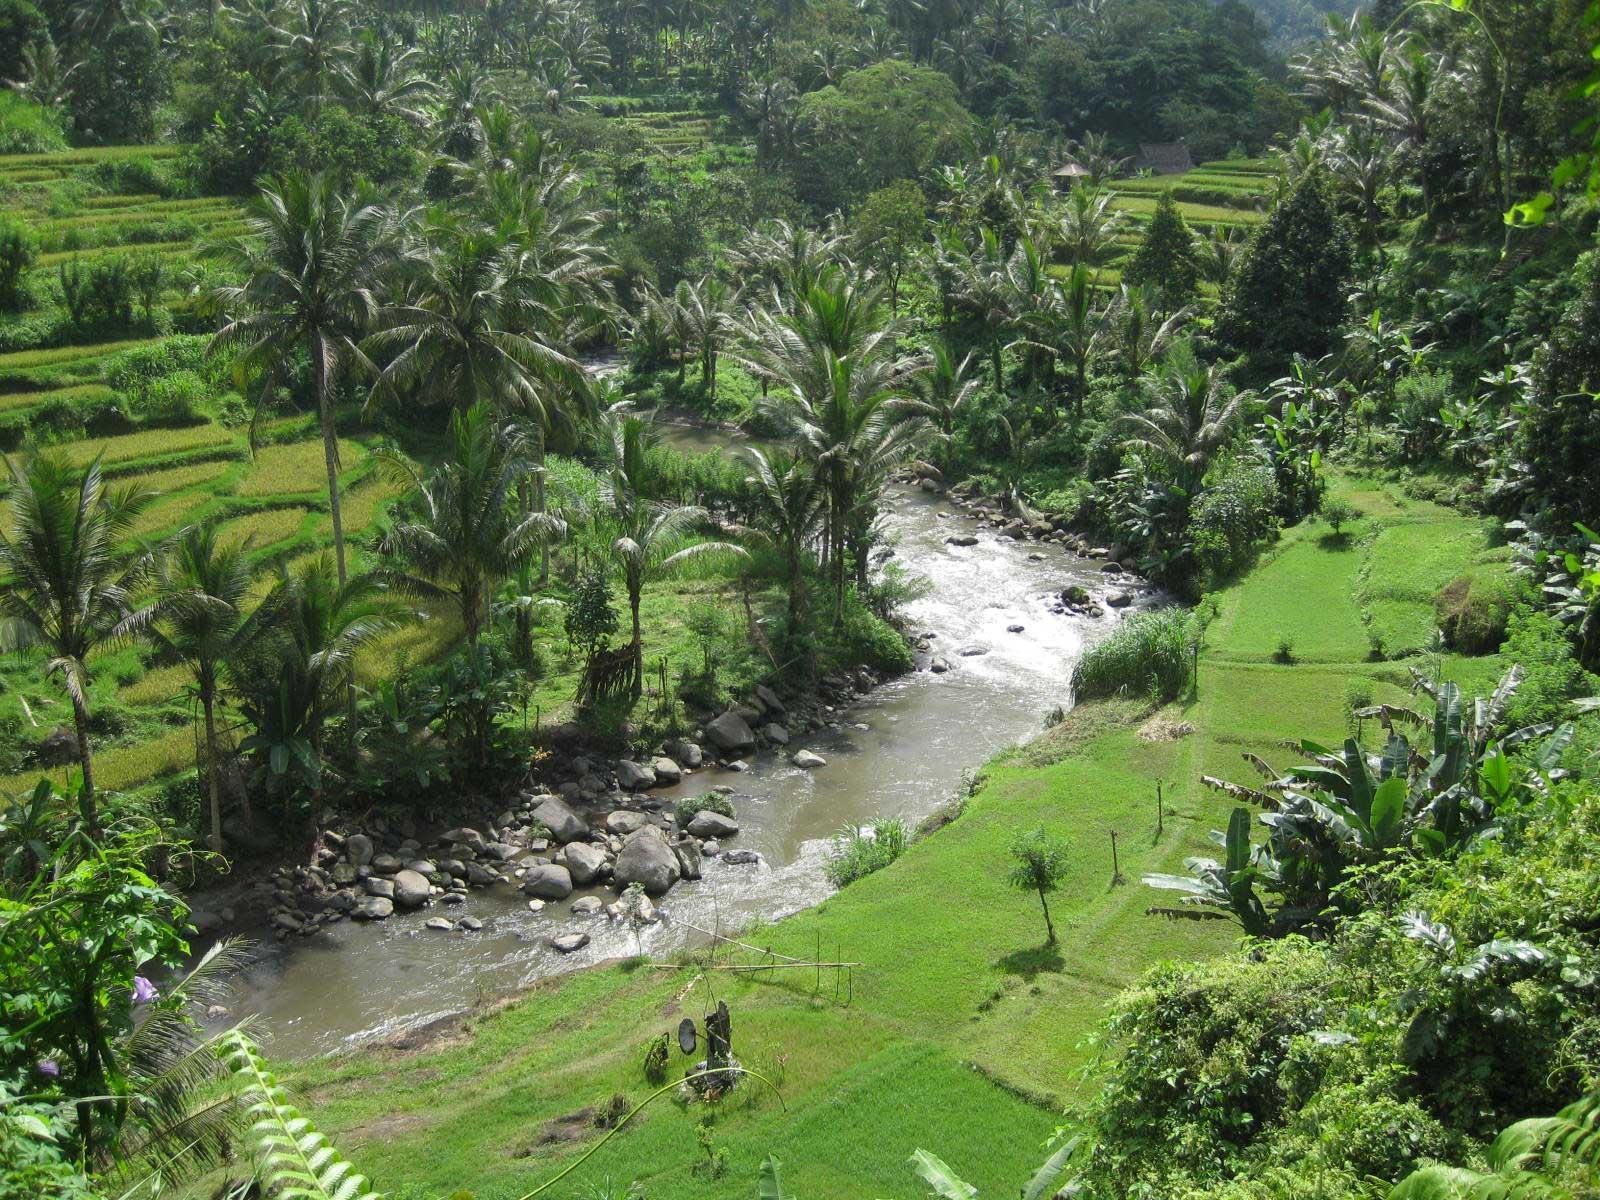 Trekking In Ubud Bali At Penestanan And Sayan Part 2